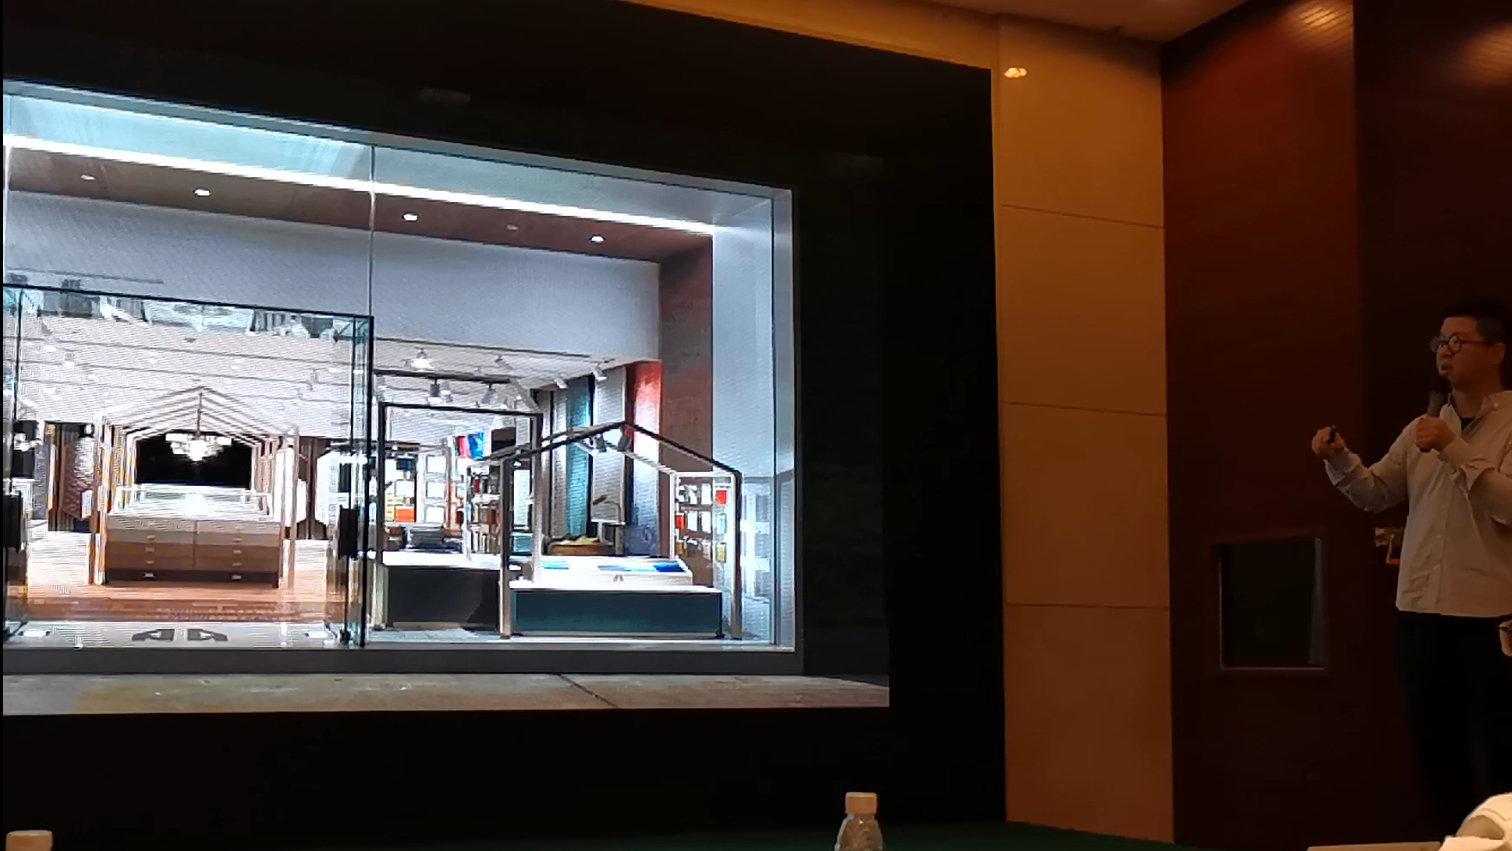 20190617期 香港设计师-廖奕权 《设计分享第一期》达明墙纸专卖店